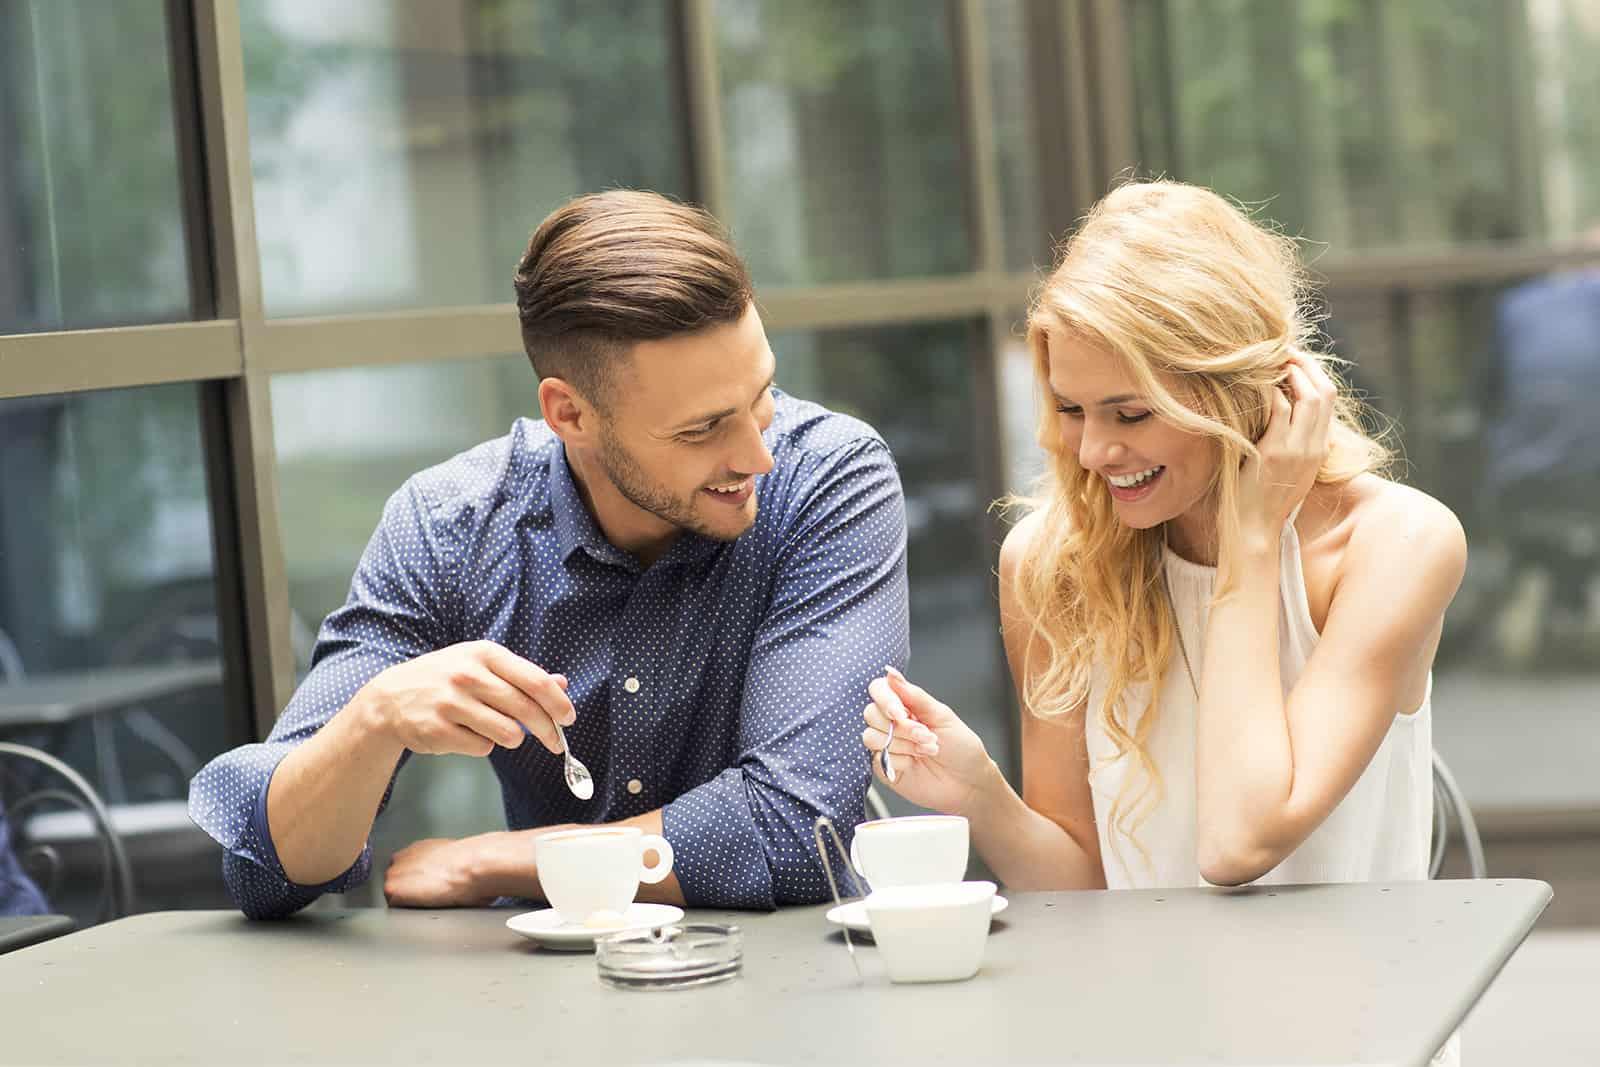 fröhliches Paar, das Kaffee auf einem Datum trinkt